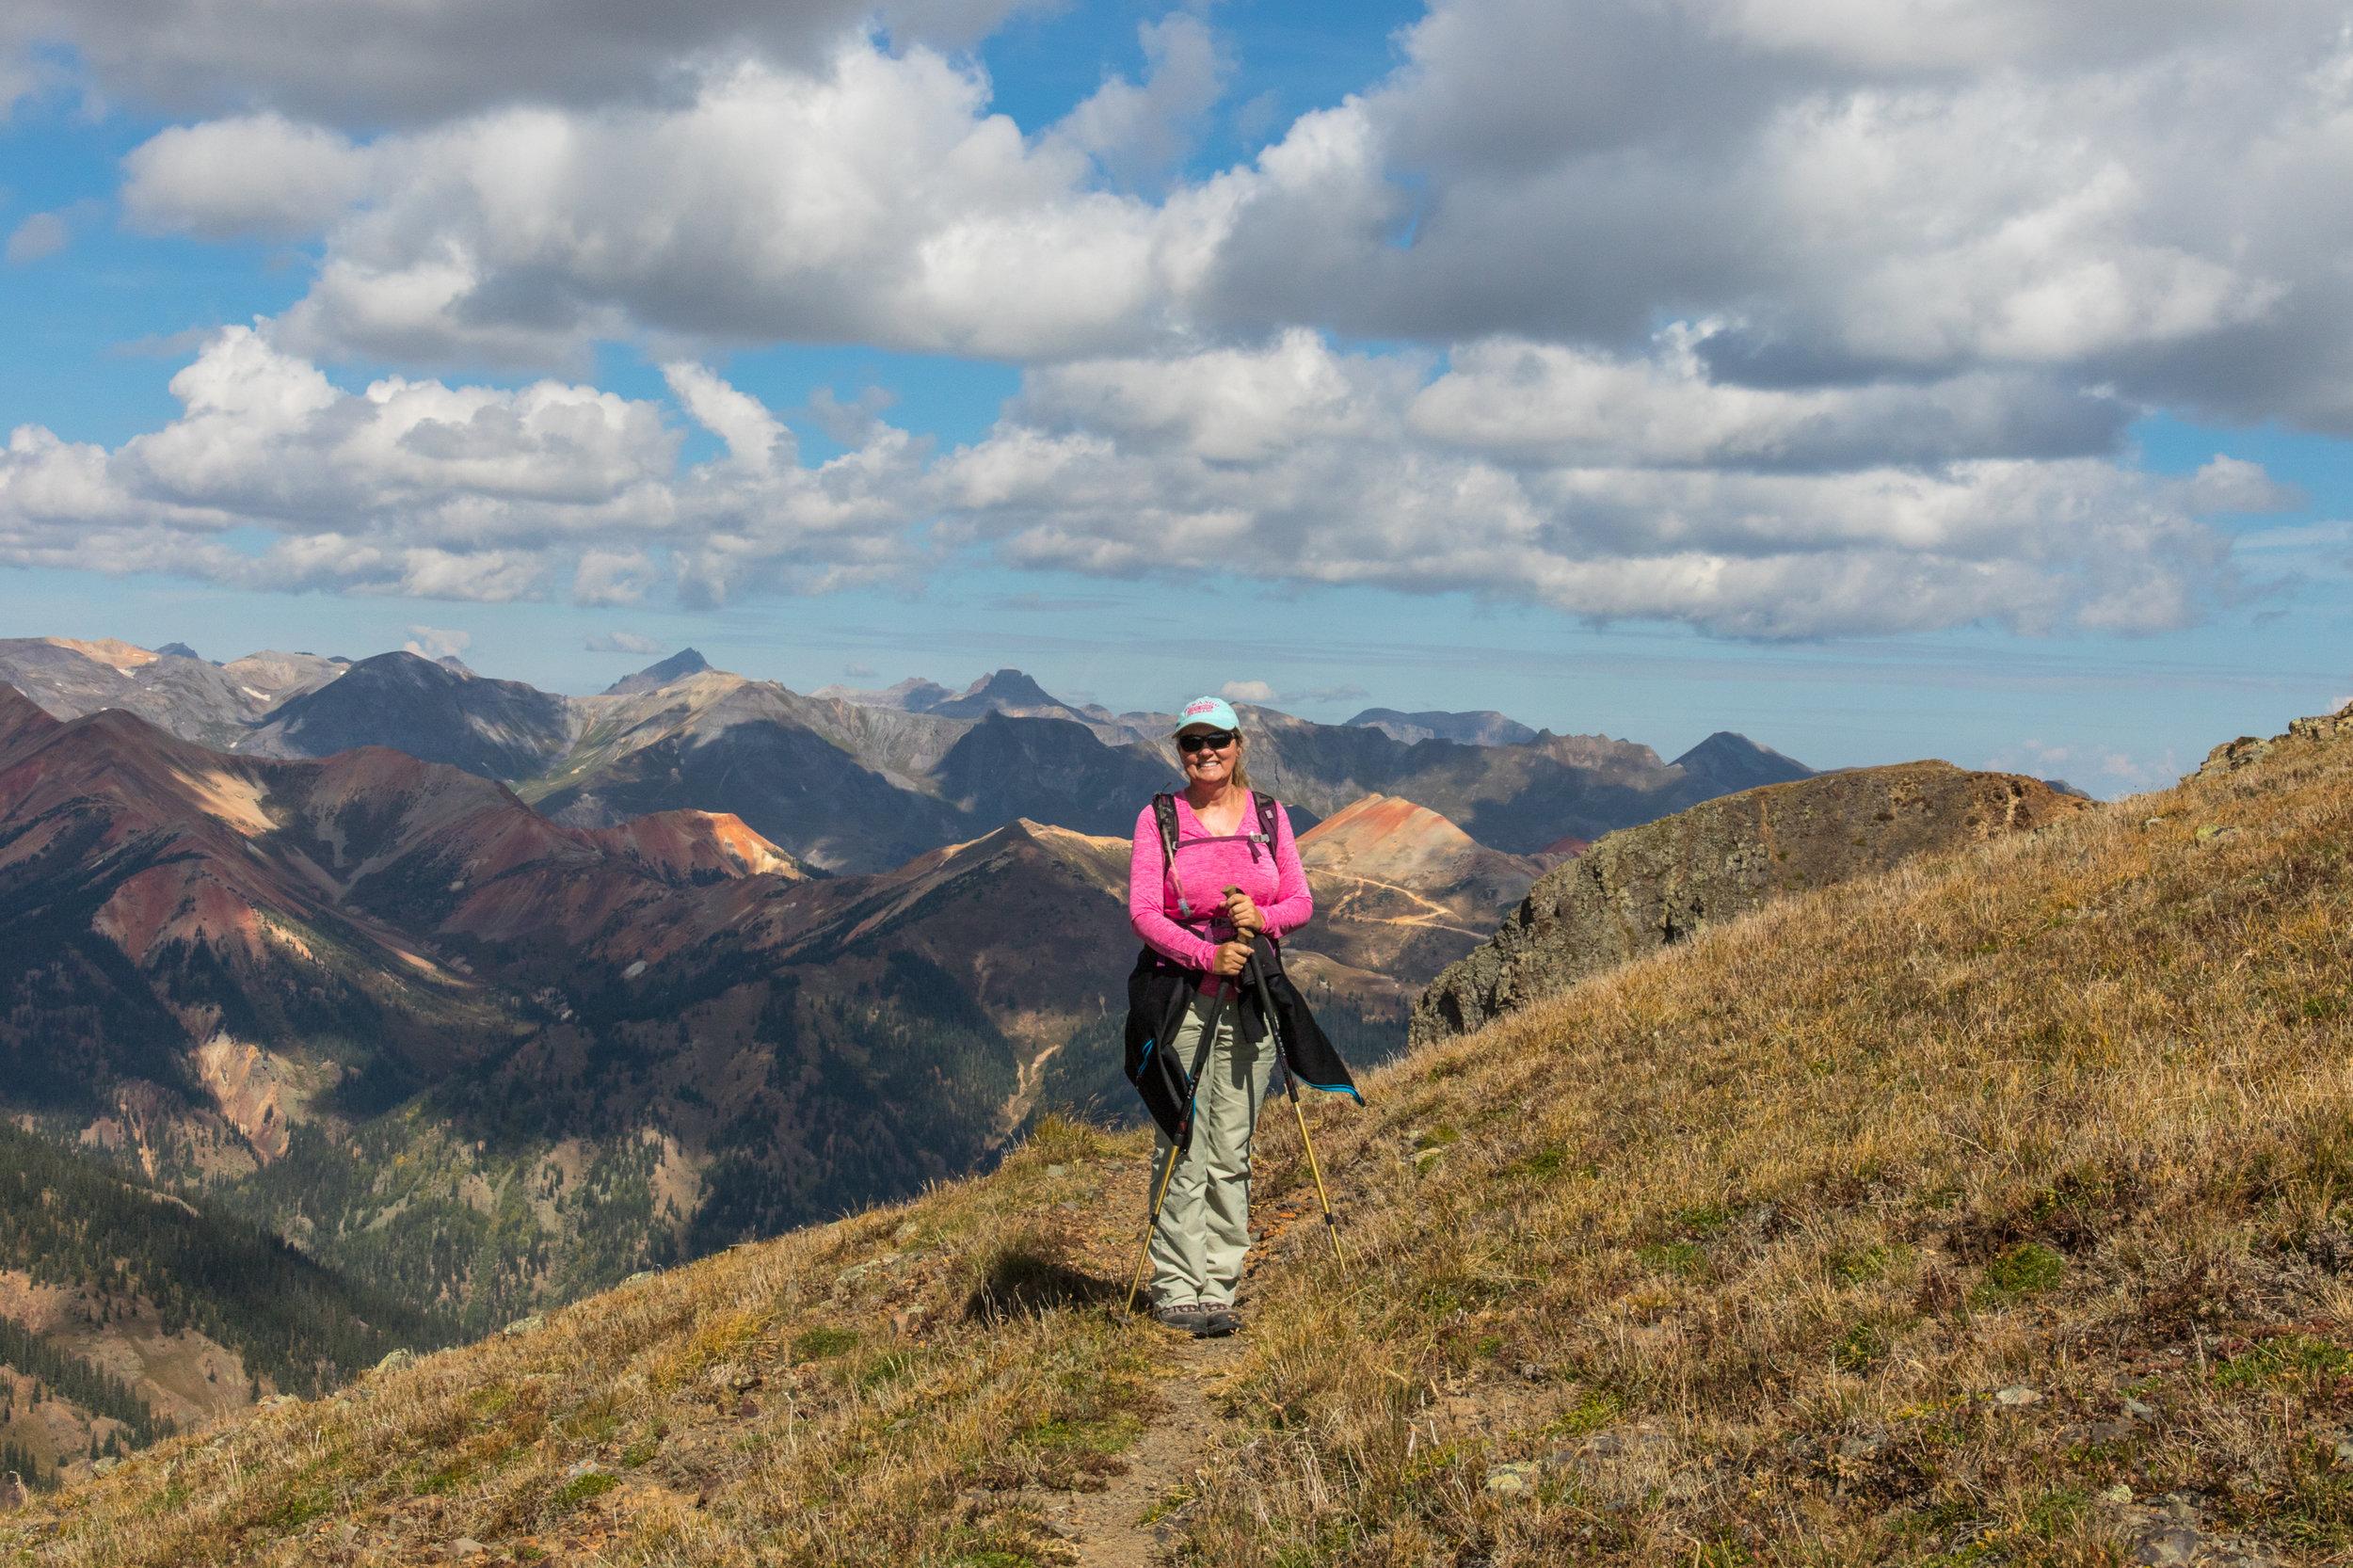 Lisa Vajda on the trail, Image # 7550